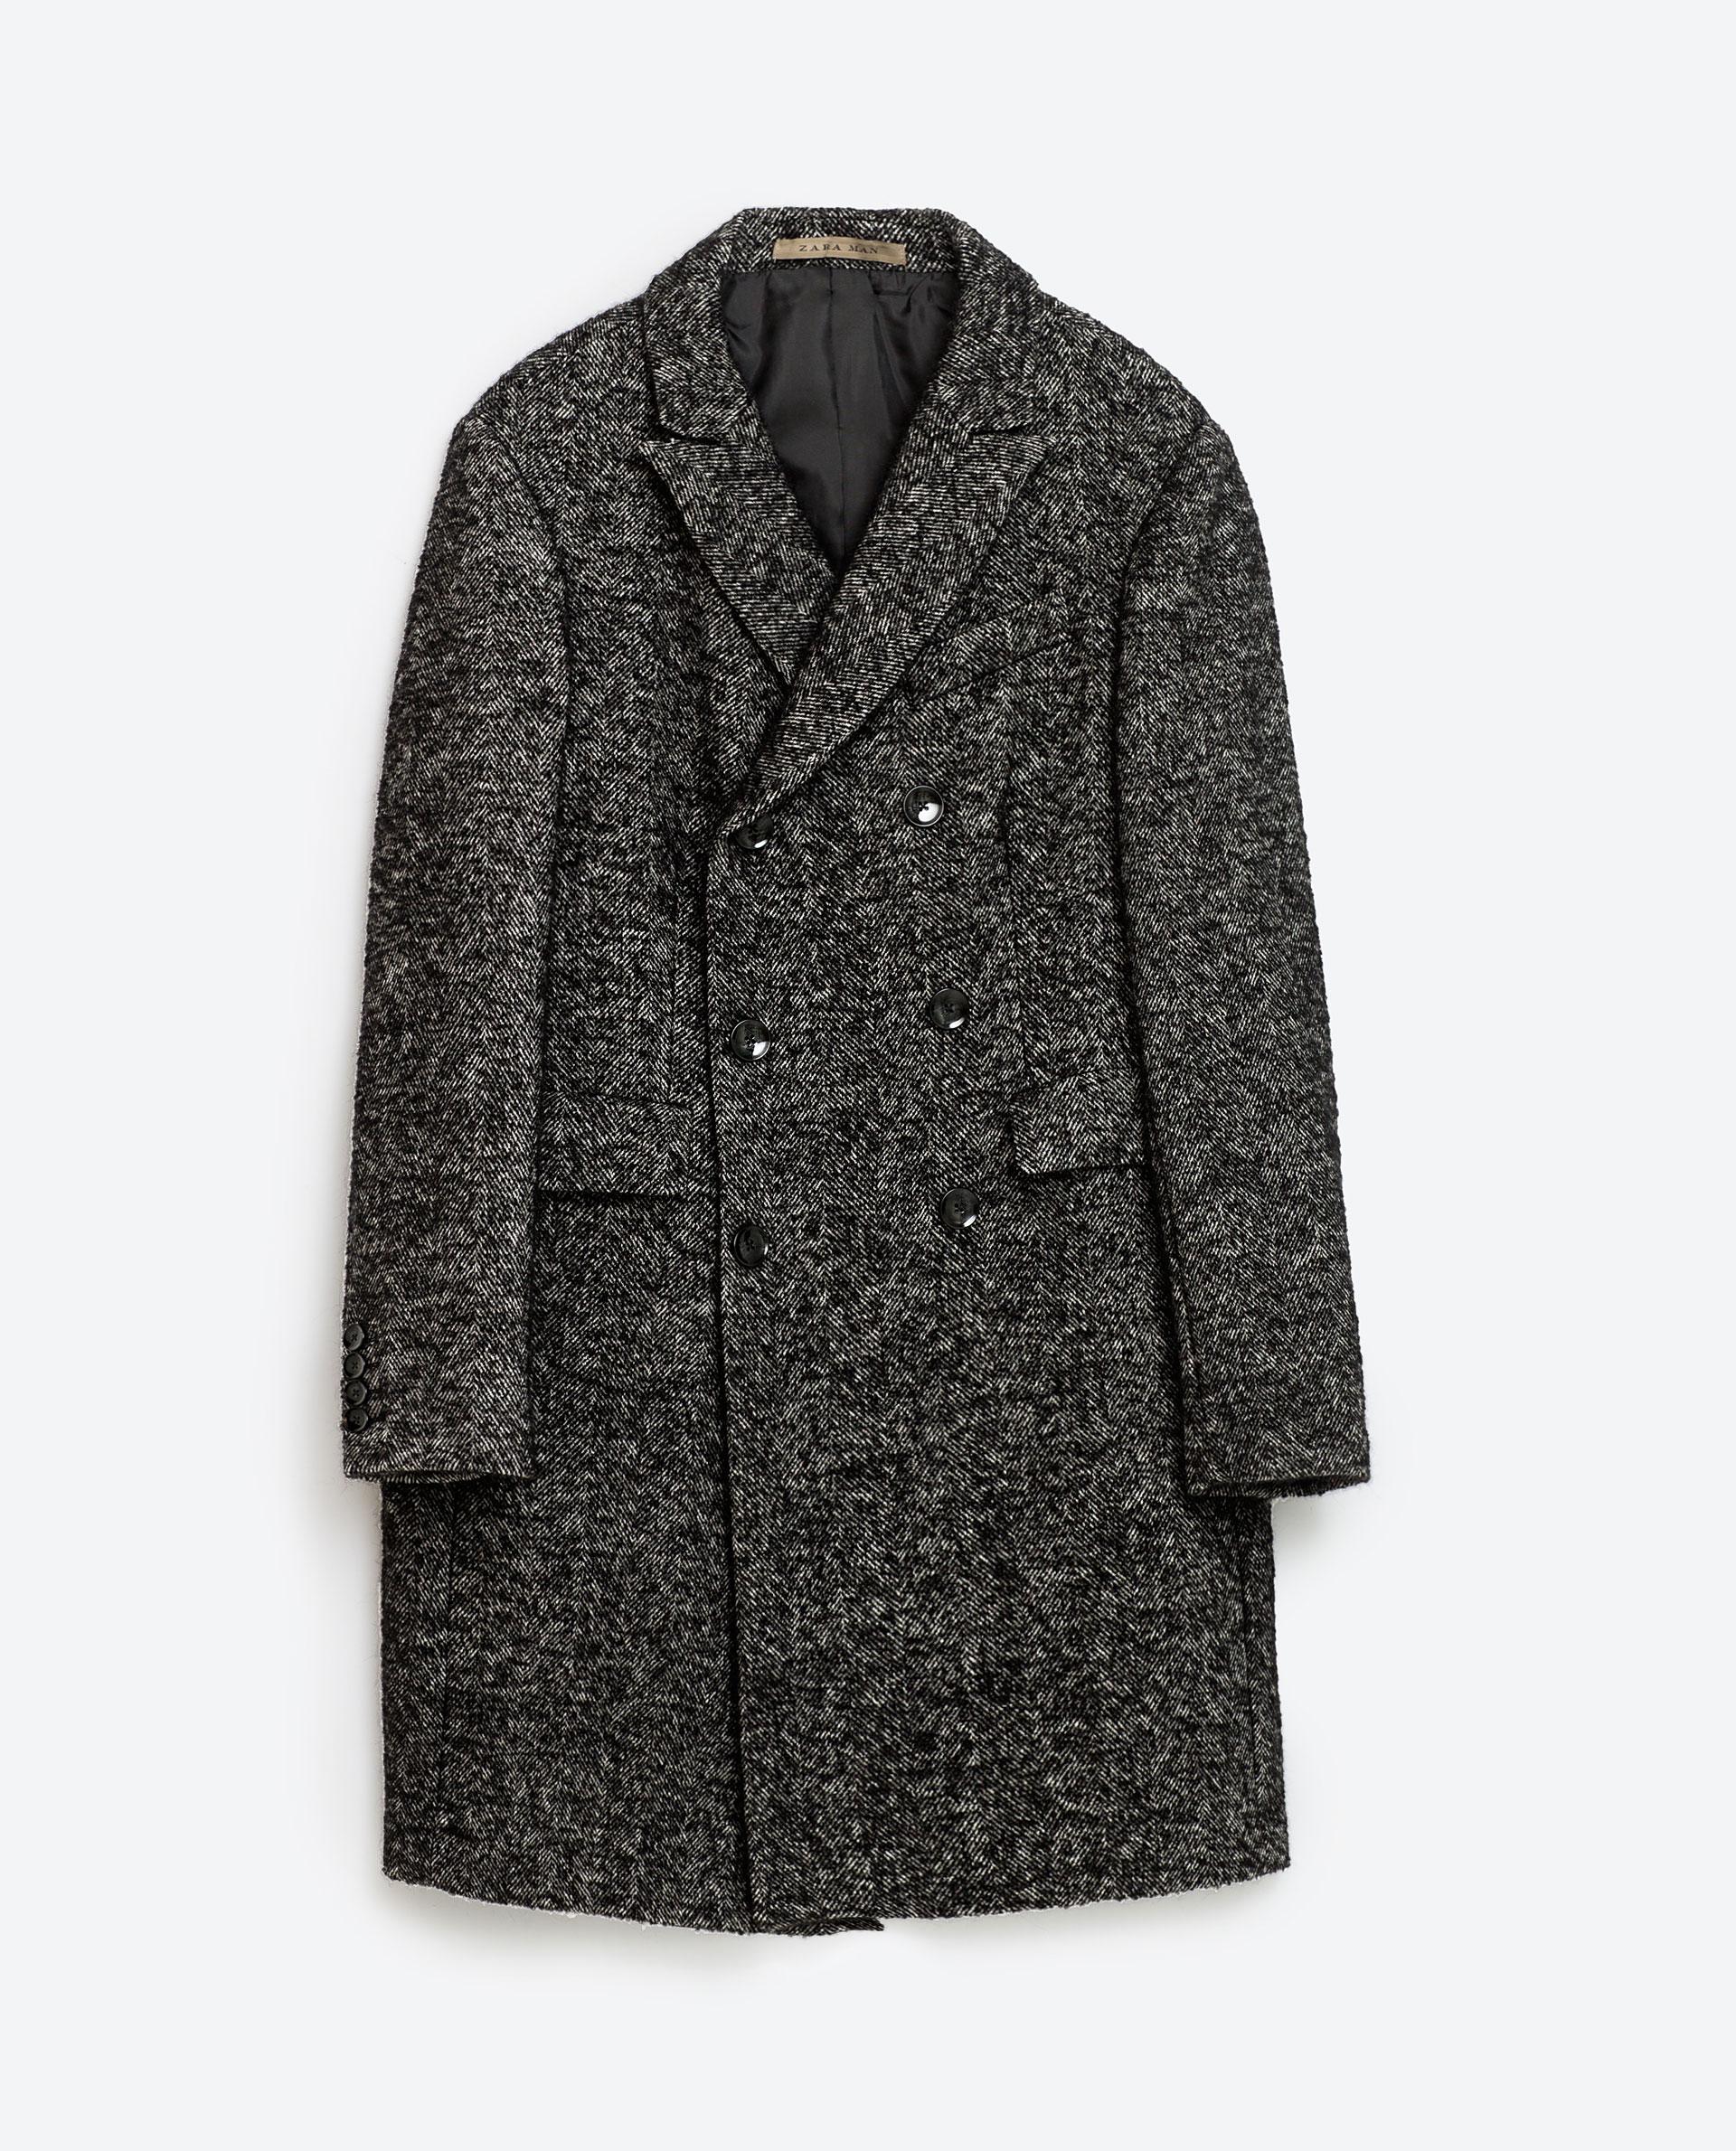 Herringbone coat, £159 ( zara.com )